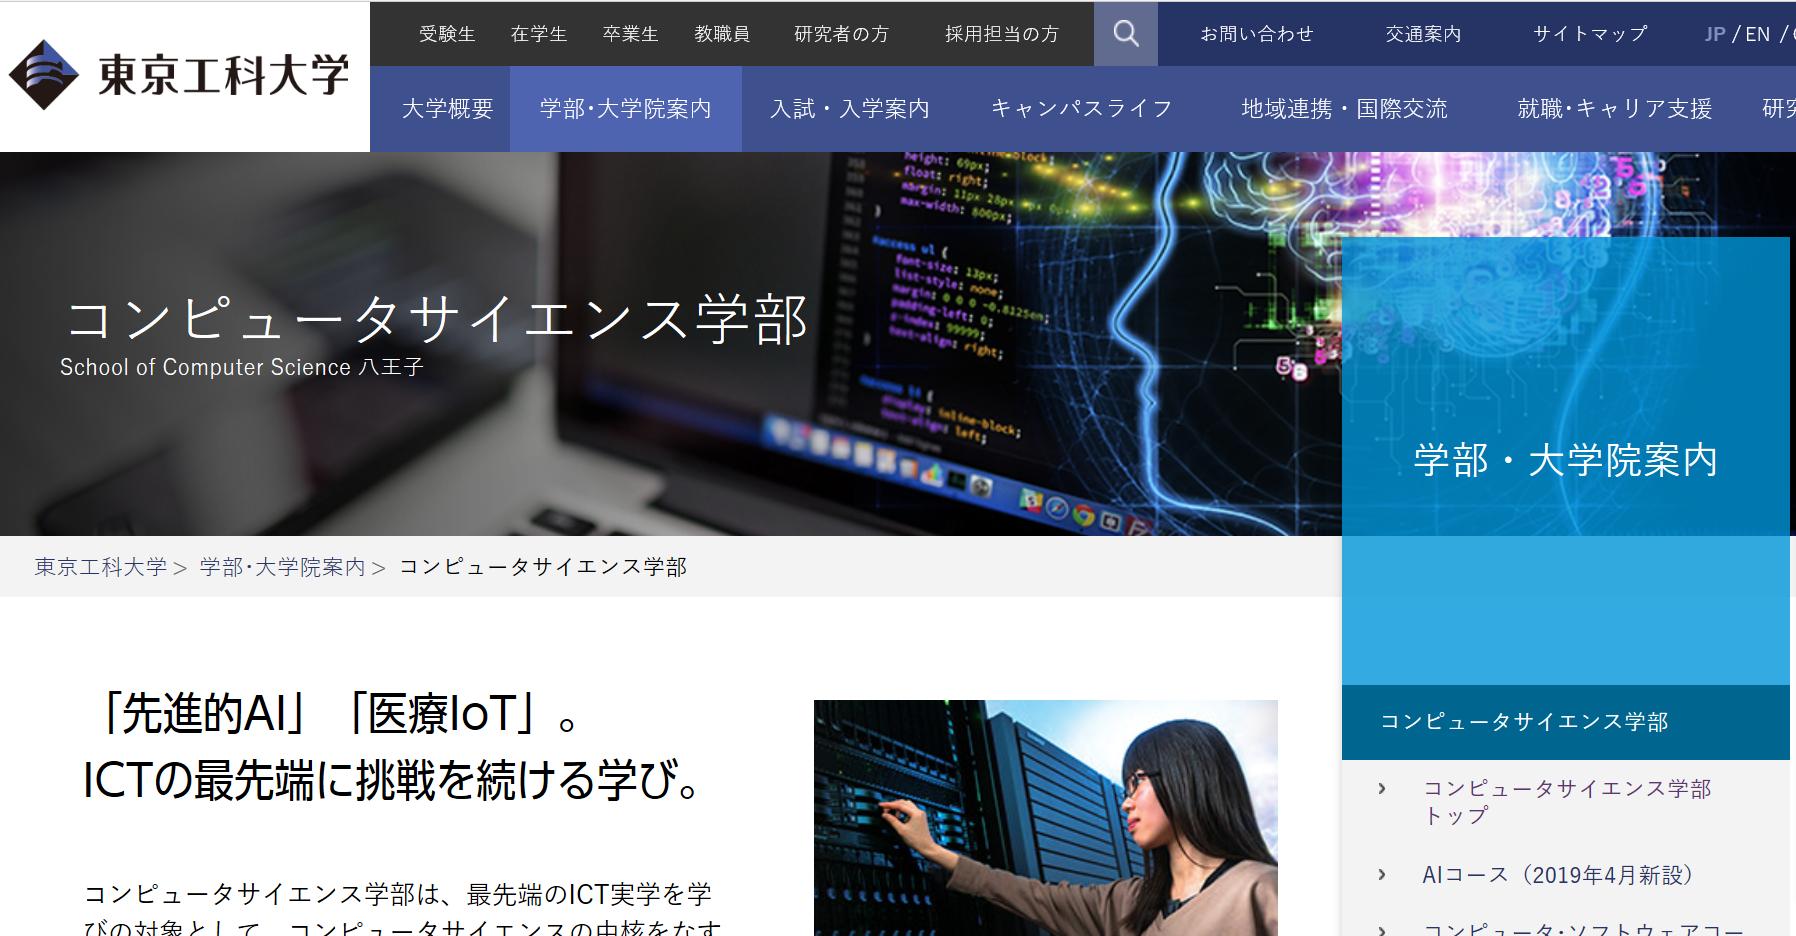 東京工科大学の評判・口コミ【コンピュータサイエンス学部編】